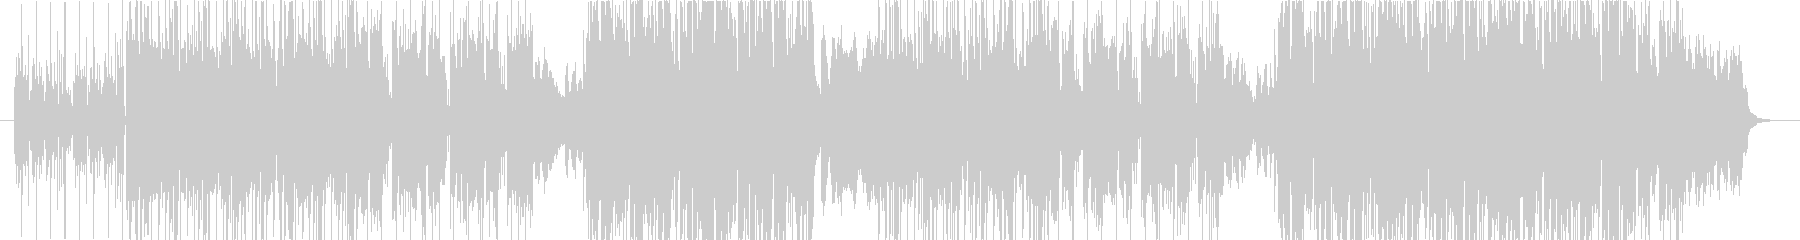 洋楽、80s、Postmaloneの未再生の波形